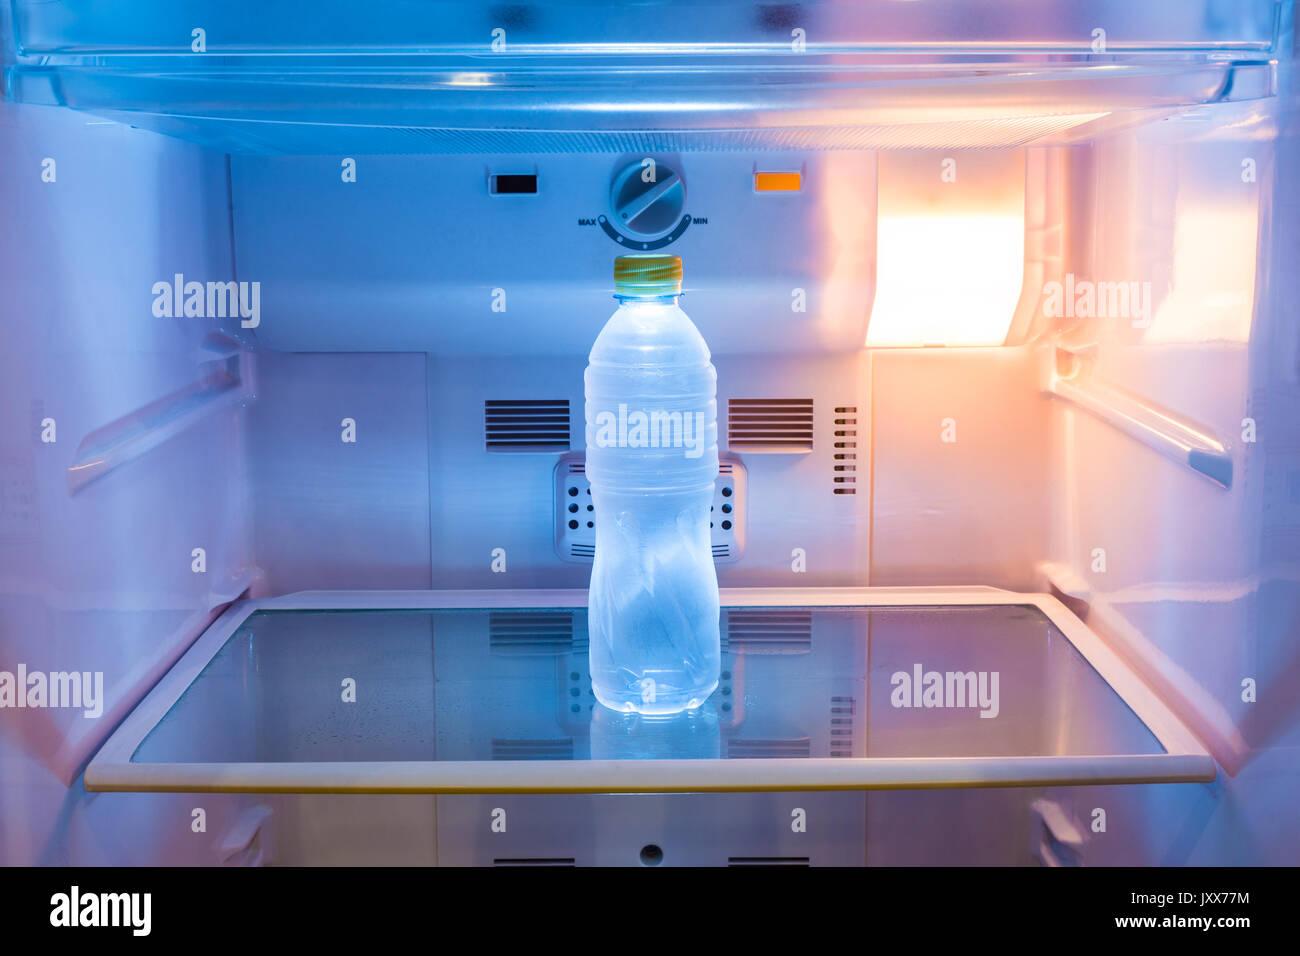 Kühlschrank Licht : Eine kalte flasche wasser auf einem regal im kühlschrank mit